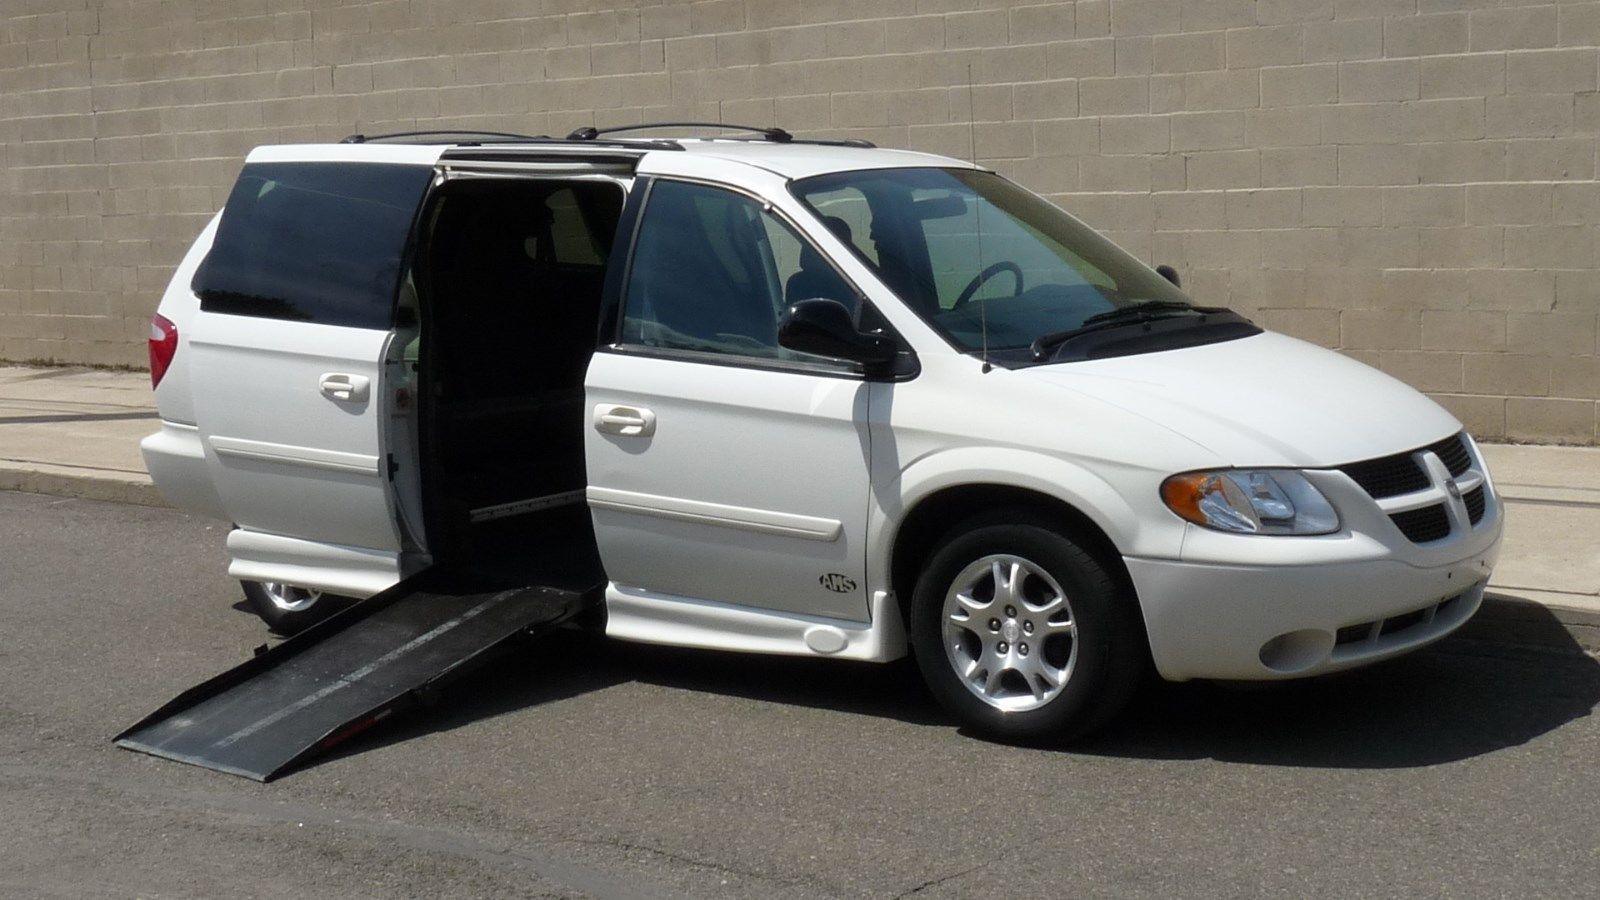 2004 Dodge Caravan Handicap Van 2004 Dodge Grand Caravan Sxt 72 904 Miles Like Chrysler Town Handicap Van Caravan Grand Caravan